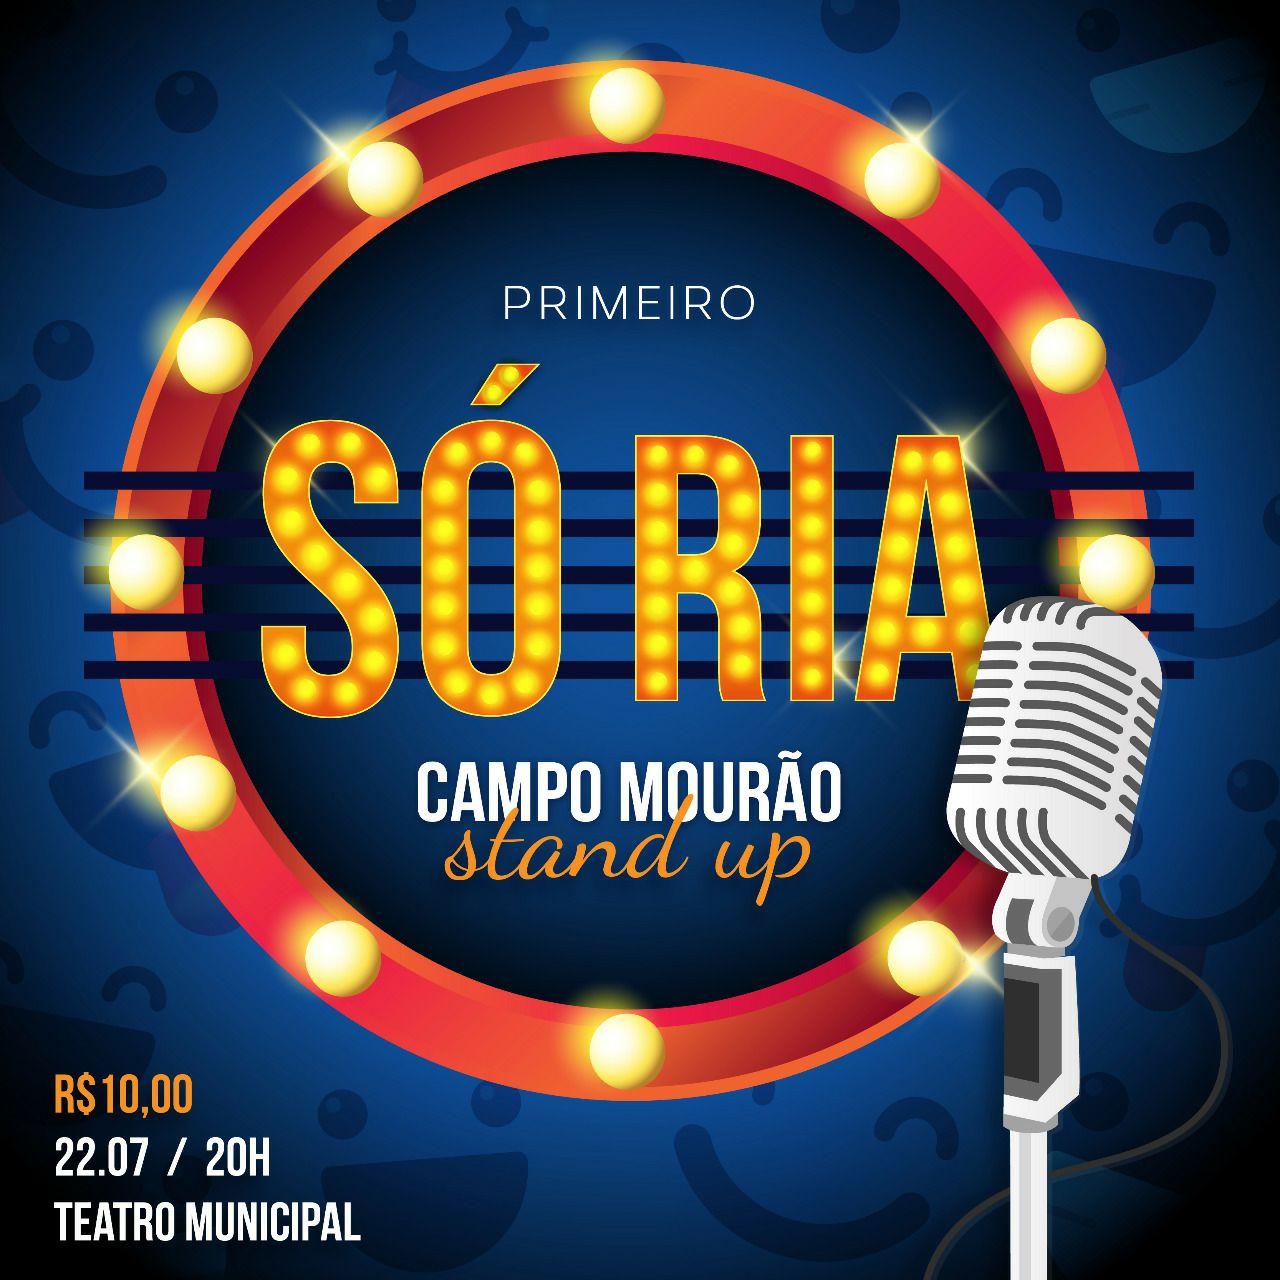 Stand up Campo Mourão